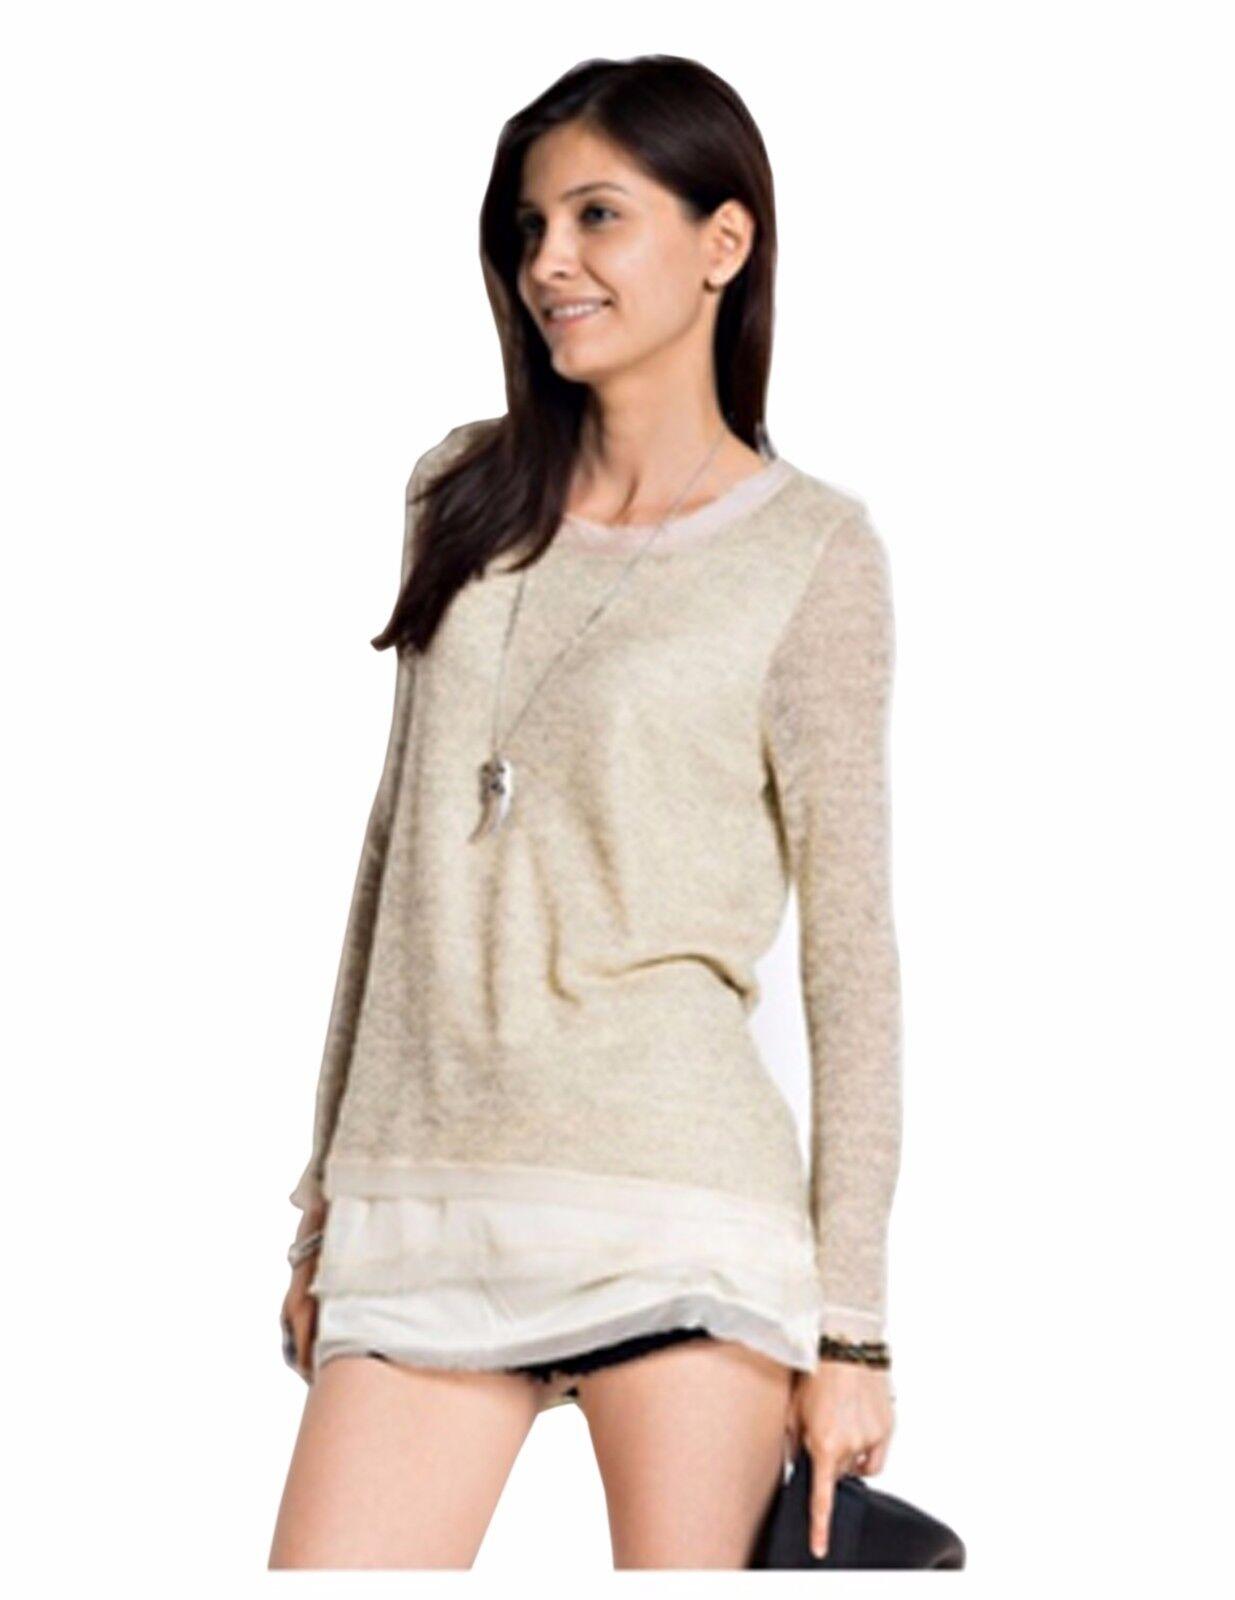 Women's Oatmeal Bohemian Boho Long Ruffled Sweater S M L